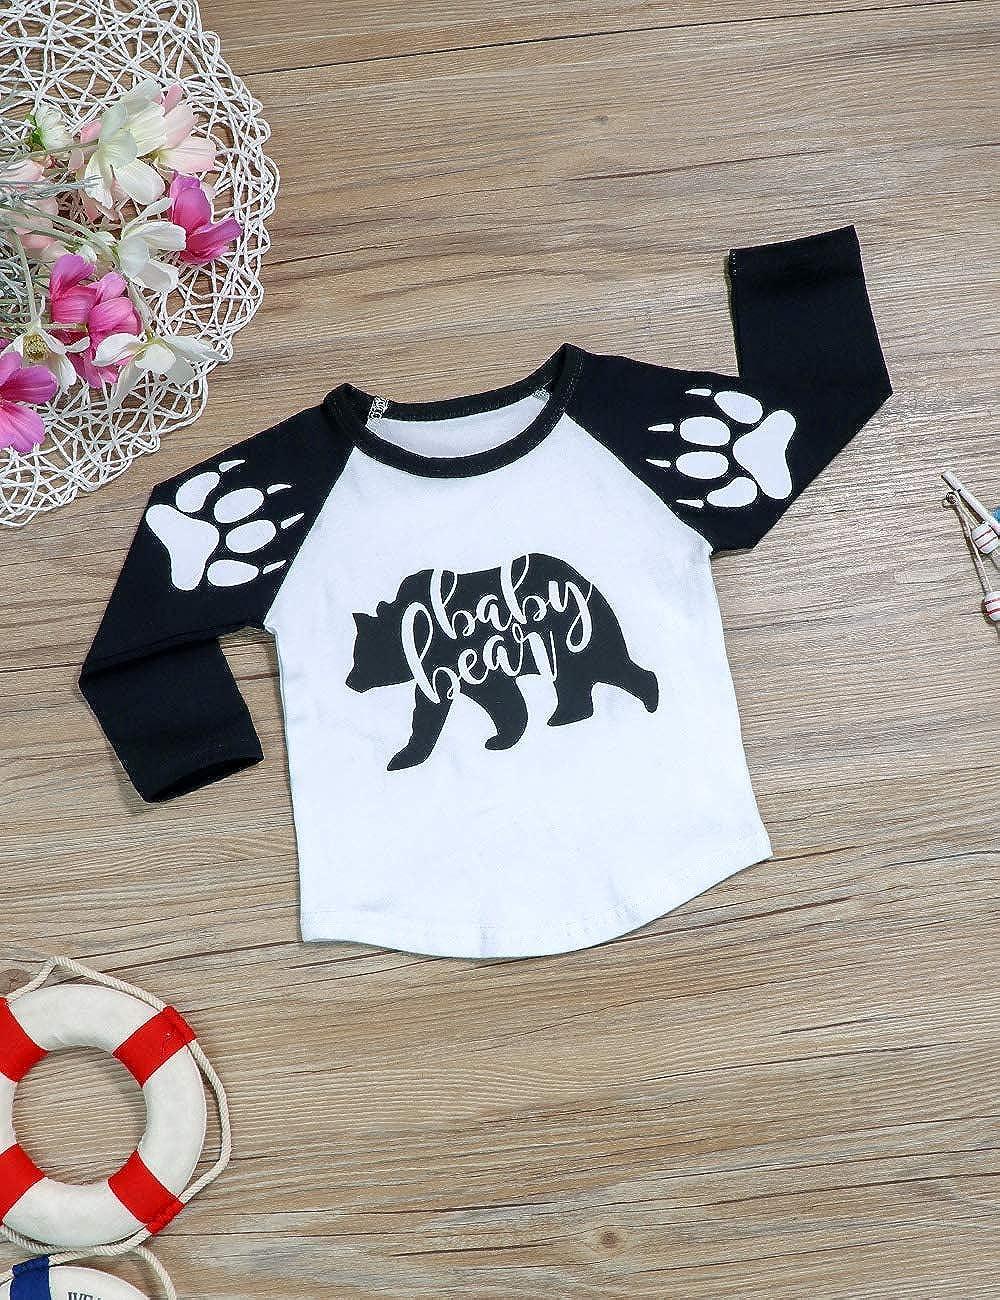 Ttkgyoe Baby Jungen Kleidung Set B/är gedruckt Hose Hose Top Langarm Rundhals Shirt zweiteiliges Outfit Set